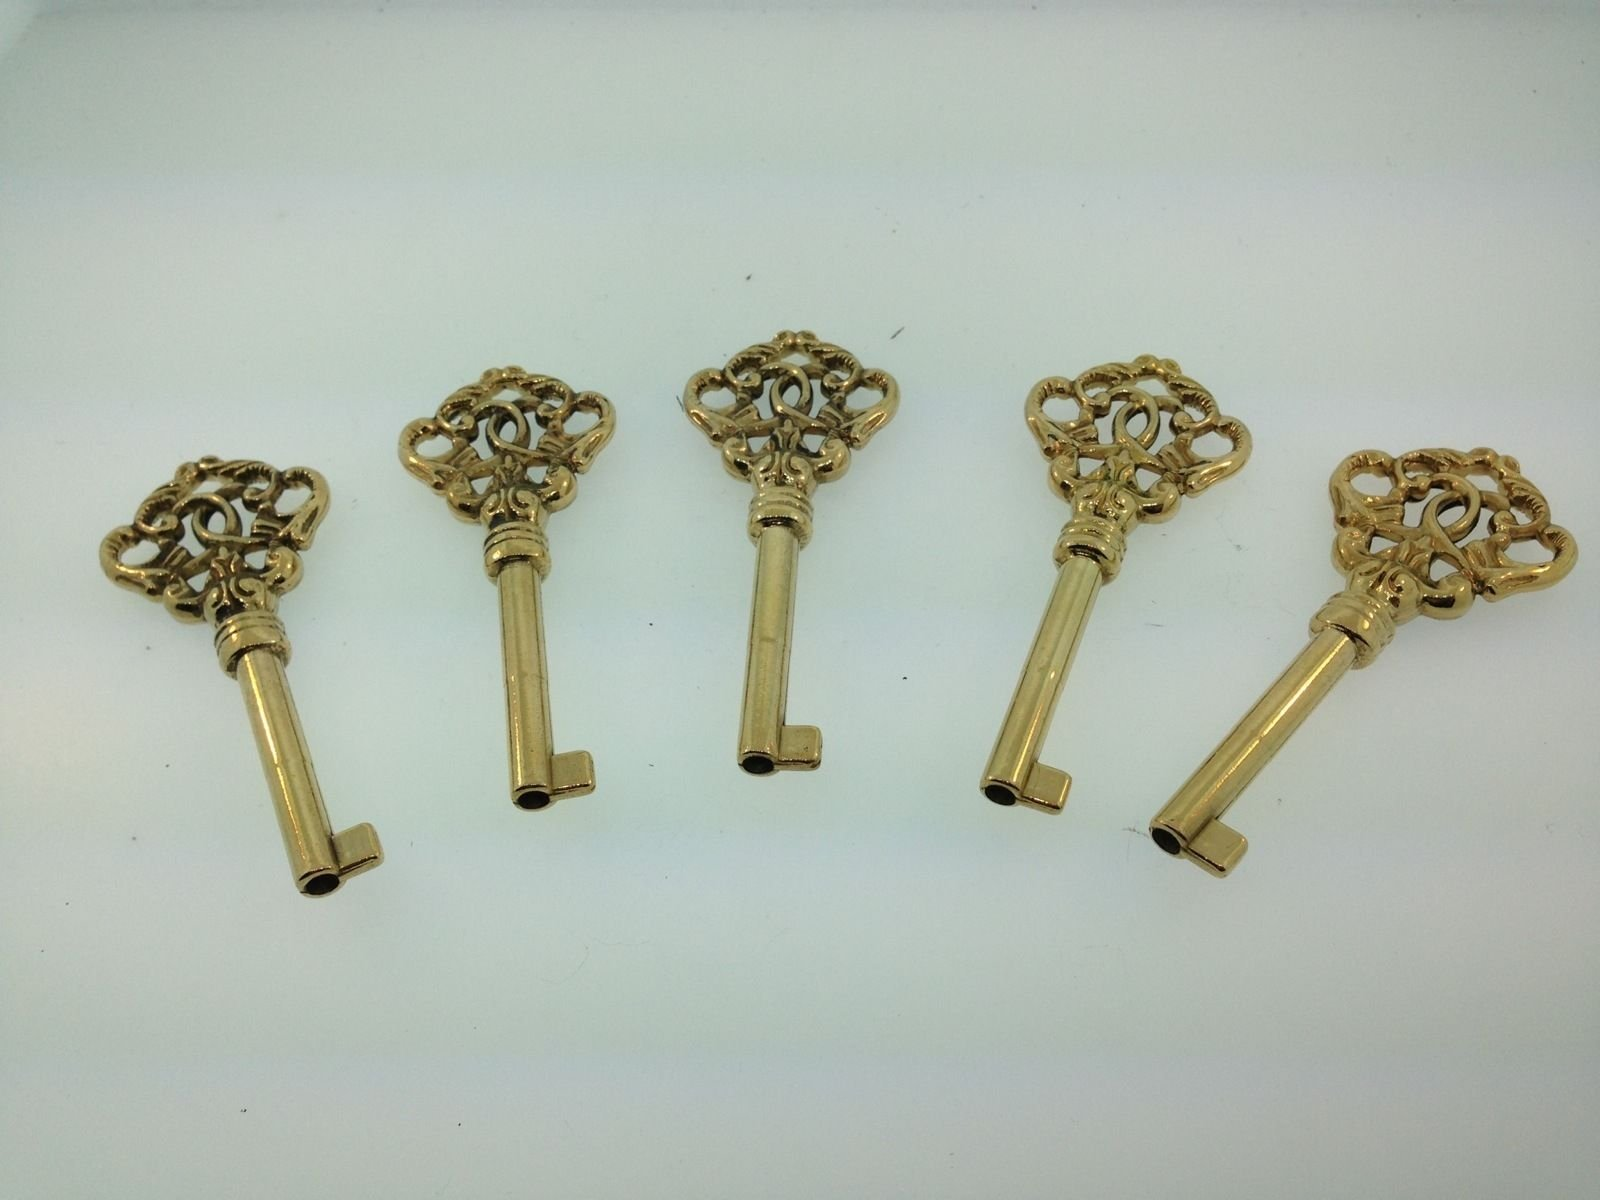 Grandfather Clock Door Key set of 5 for Howard Miller Floor Clock and others